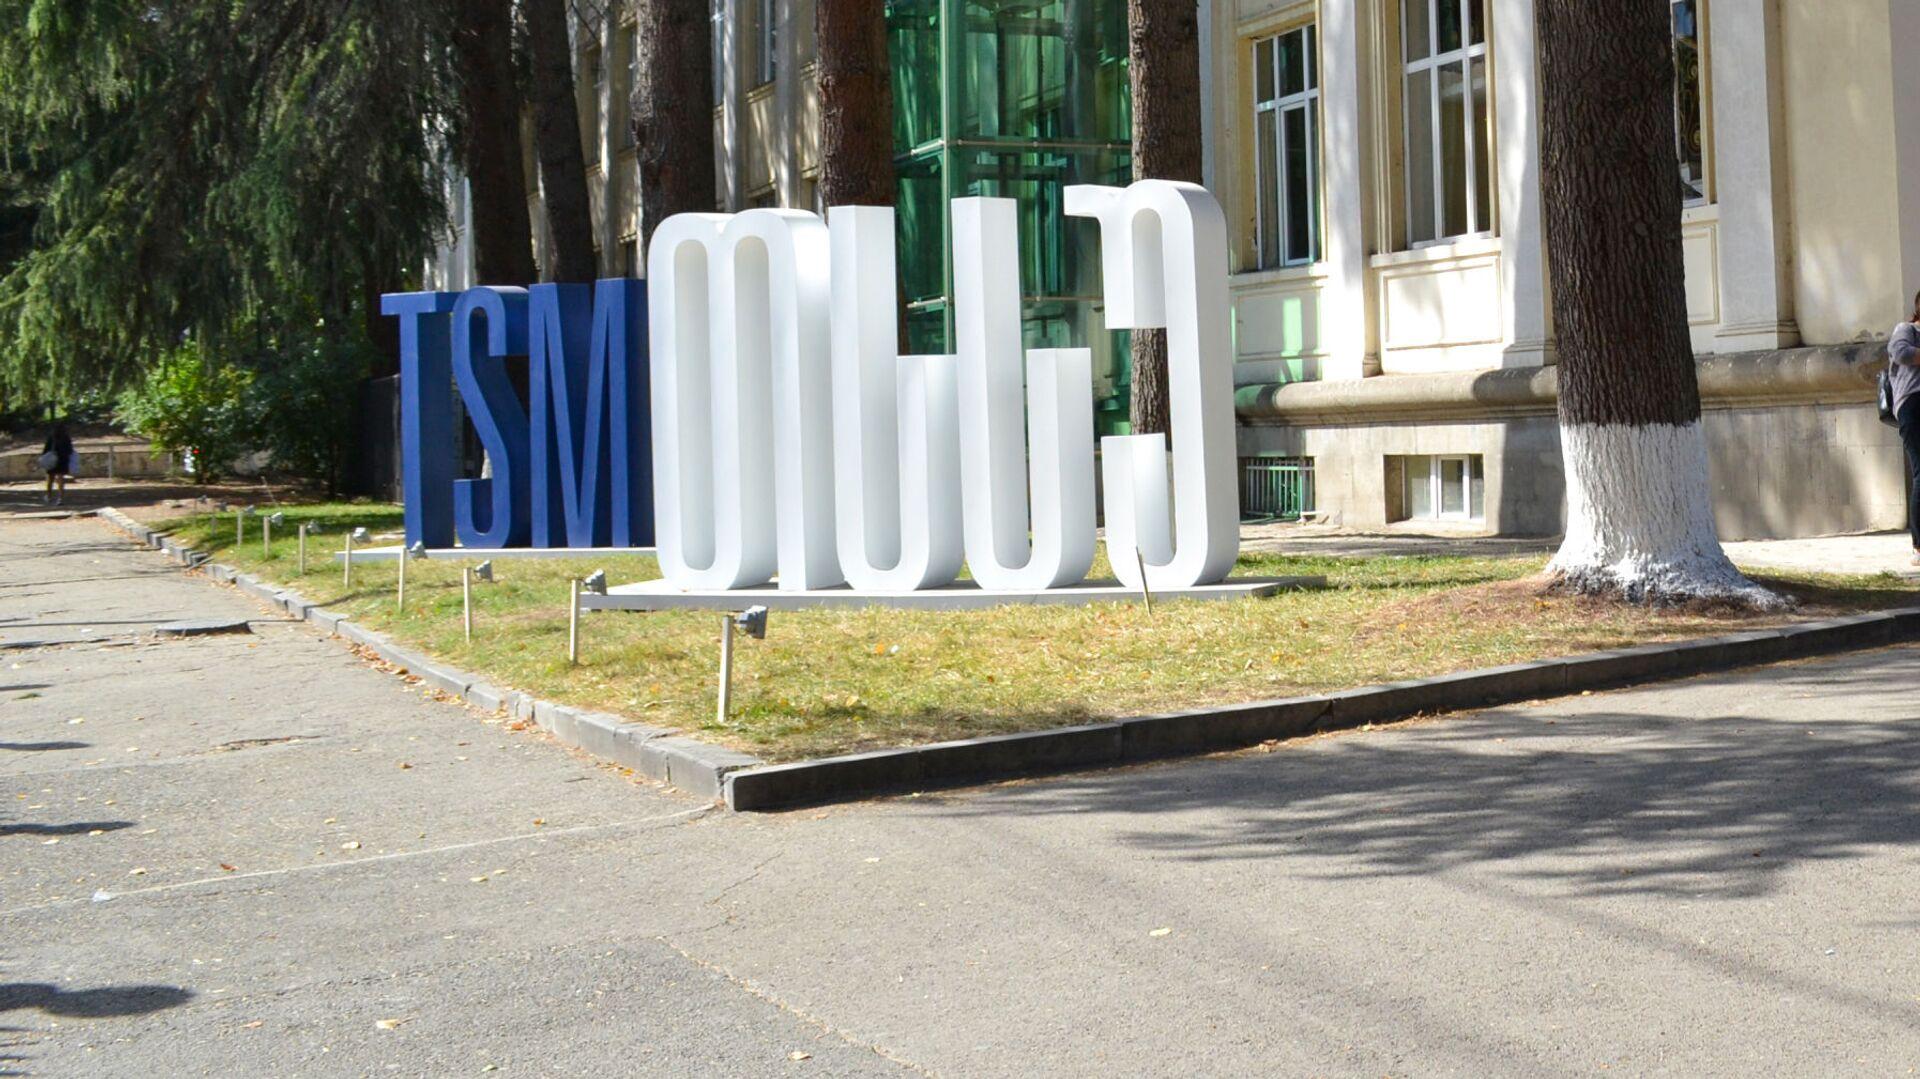 Тбилисский государственный медицинский университет  - Sputnik Грузия, 1920, 06.10.2021